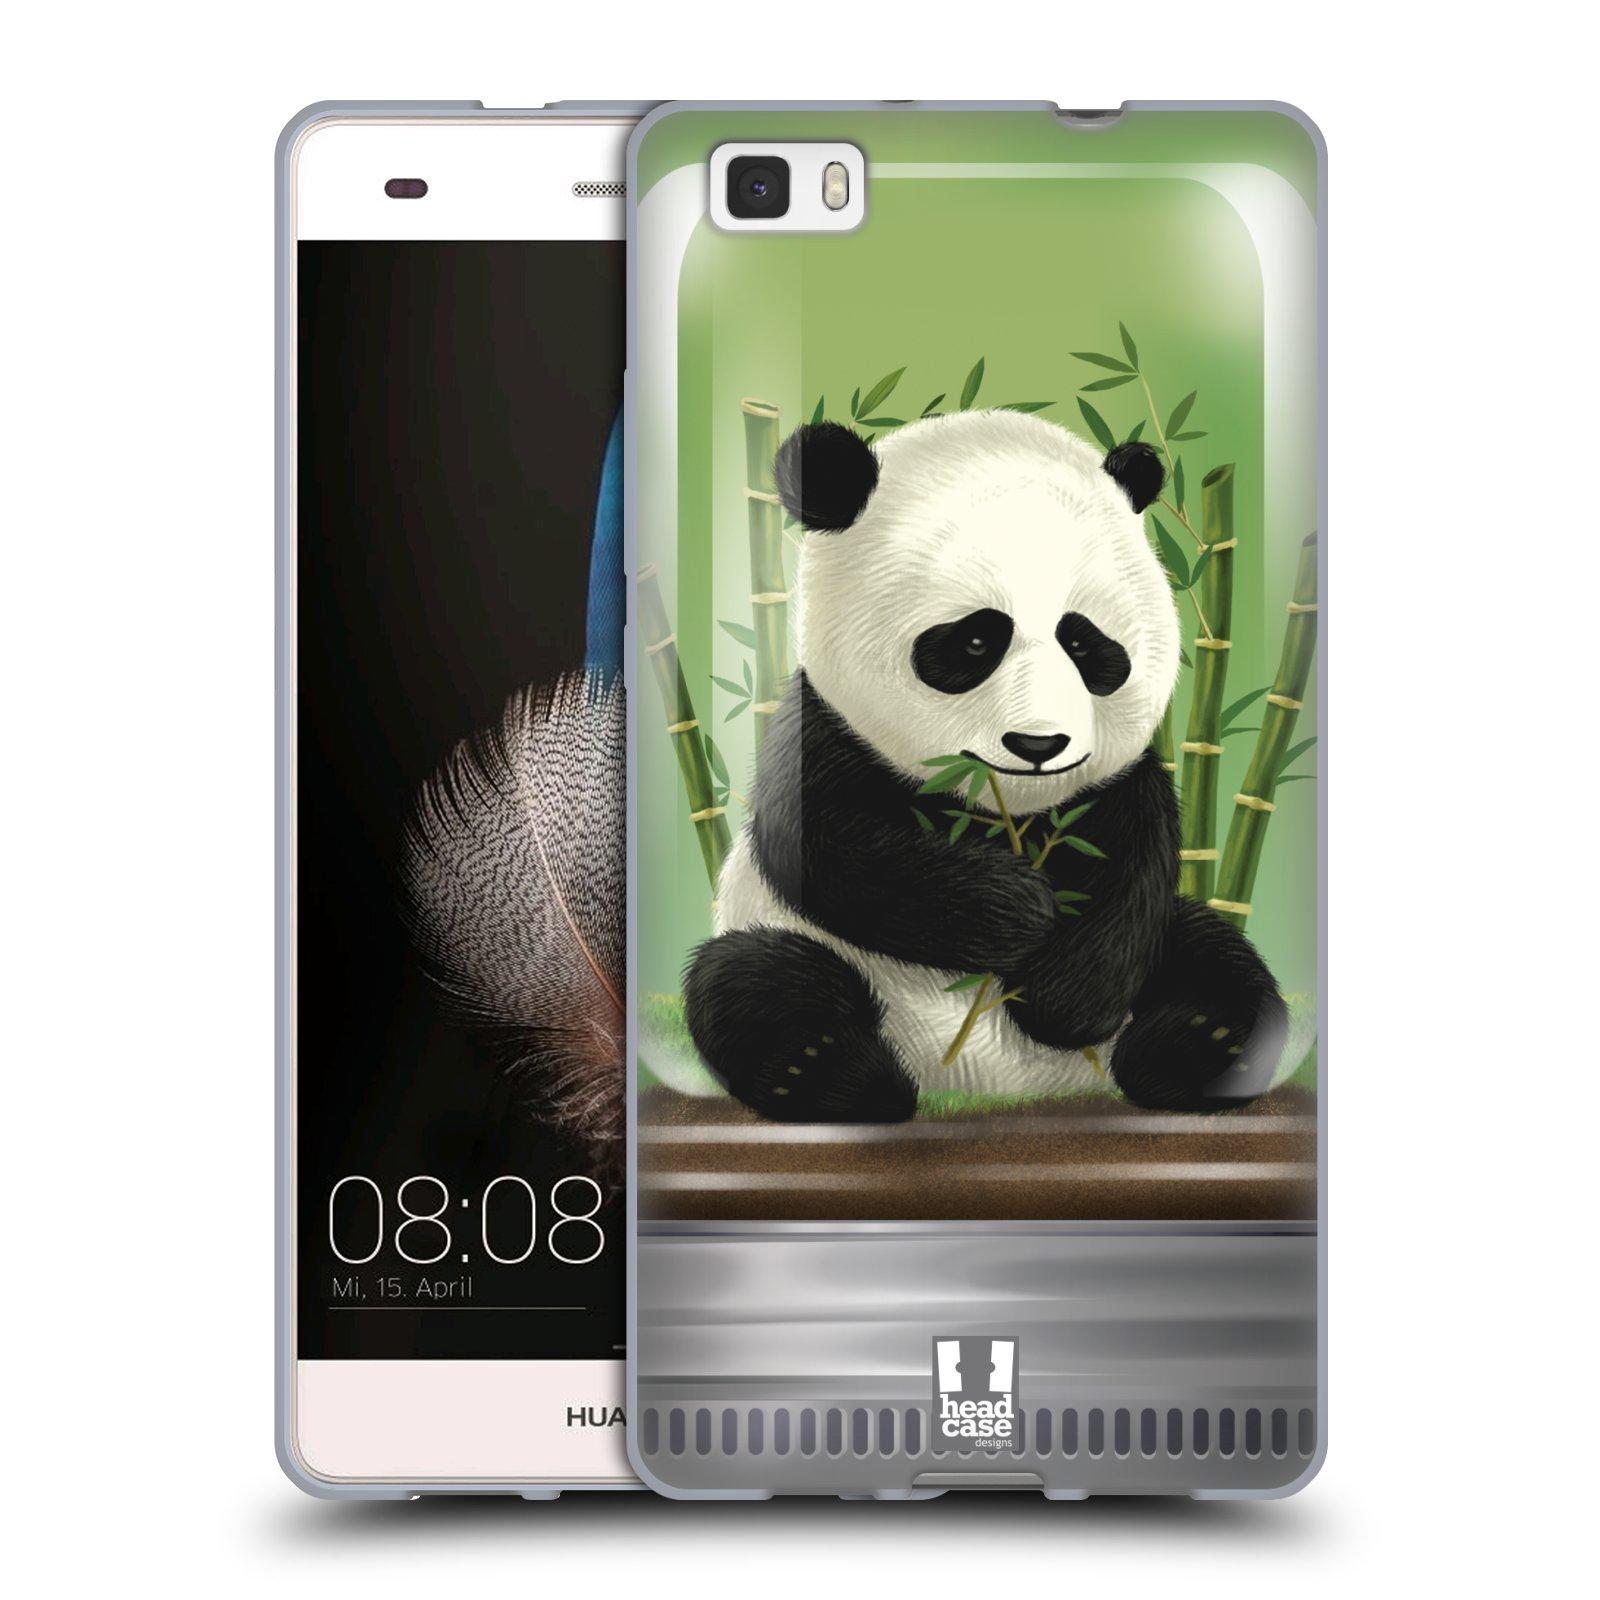 HEAD CASE silikonový obal na mobil HUAWEI P8 LITE vzor Zvířátka v těžítku panda